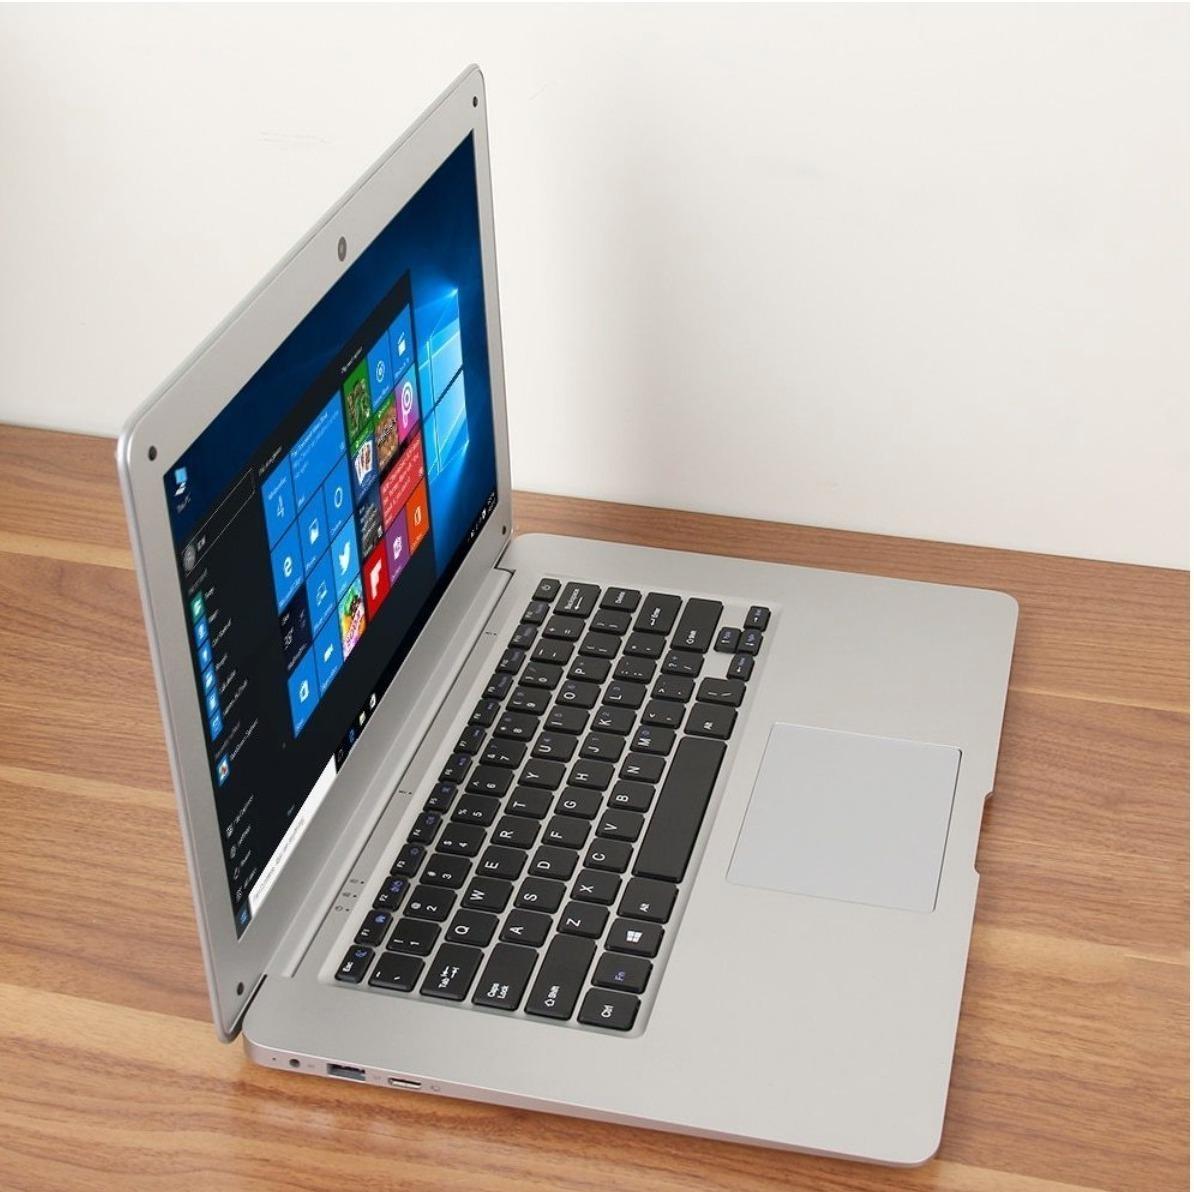 【最安値販売】Laptop Ezbook 2 Ultrabook インテルCHERRY TRAIL X5 Z8350 シルバー 14.0インチ Windows 10 【領収書発行可能】_画像2